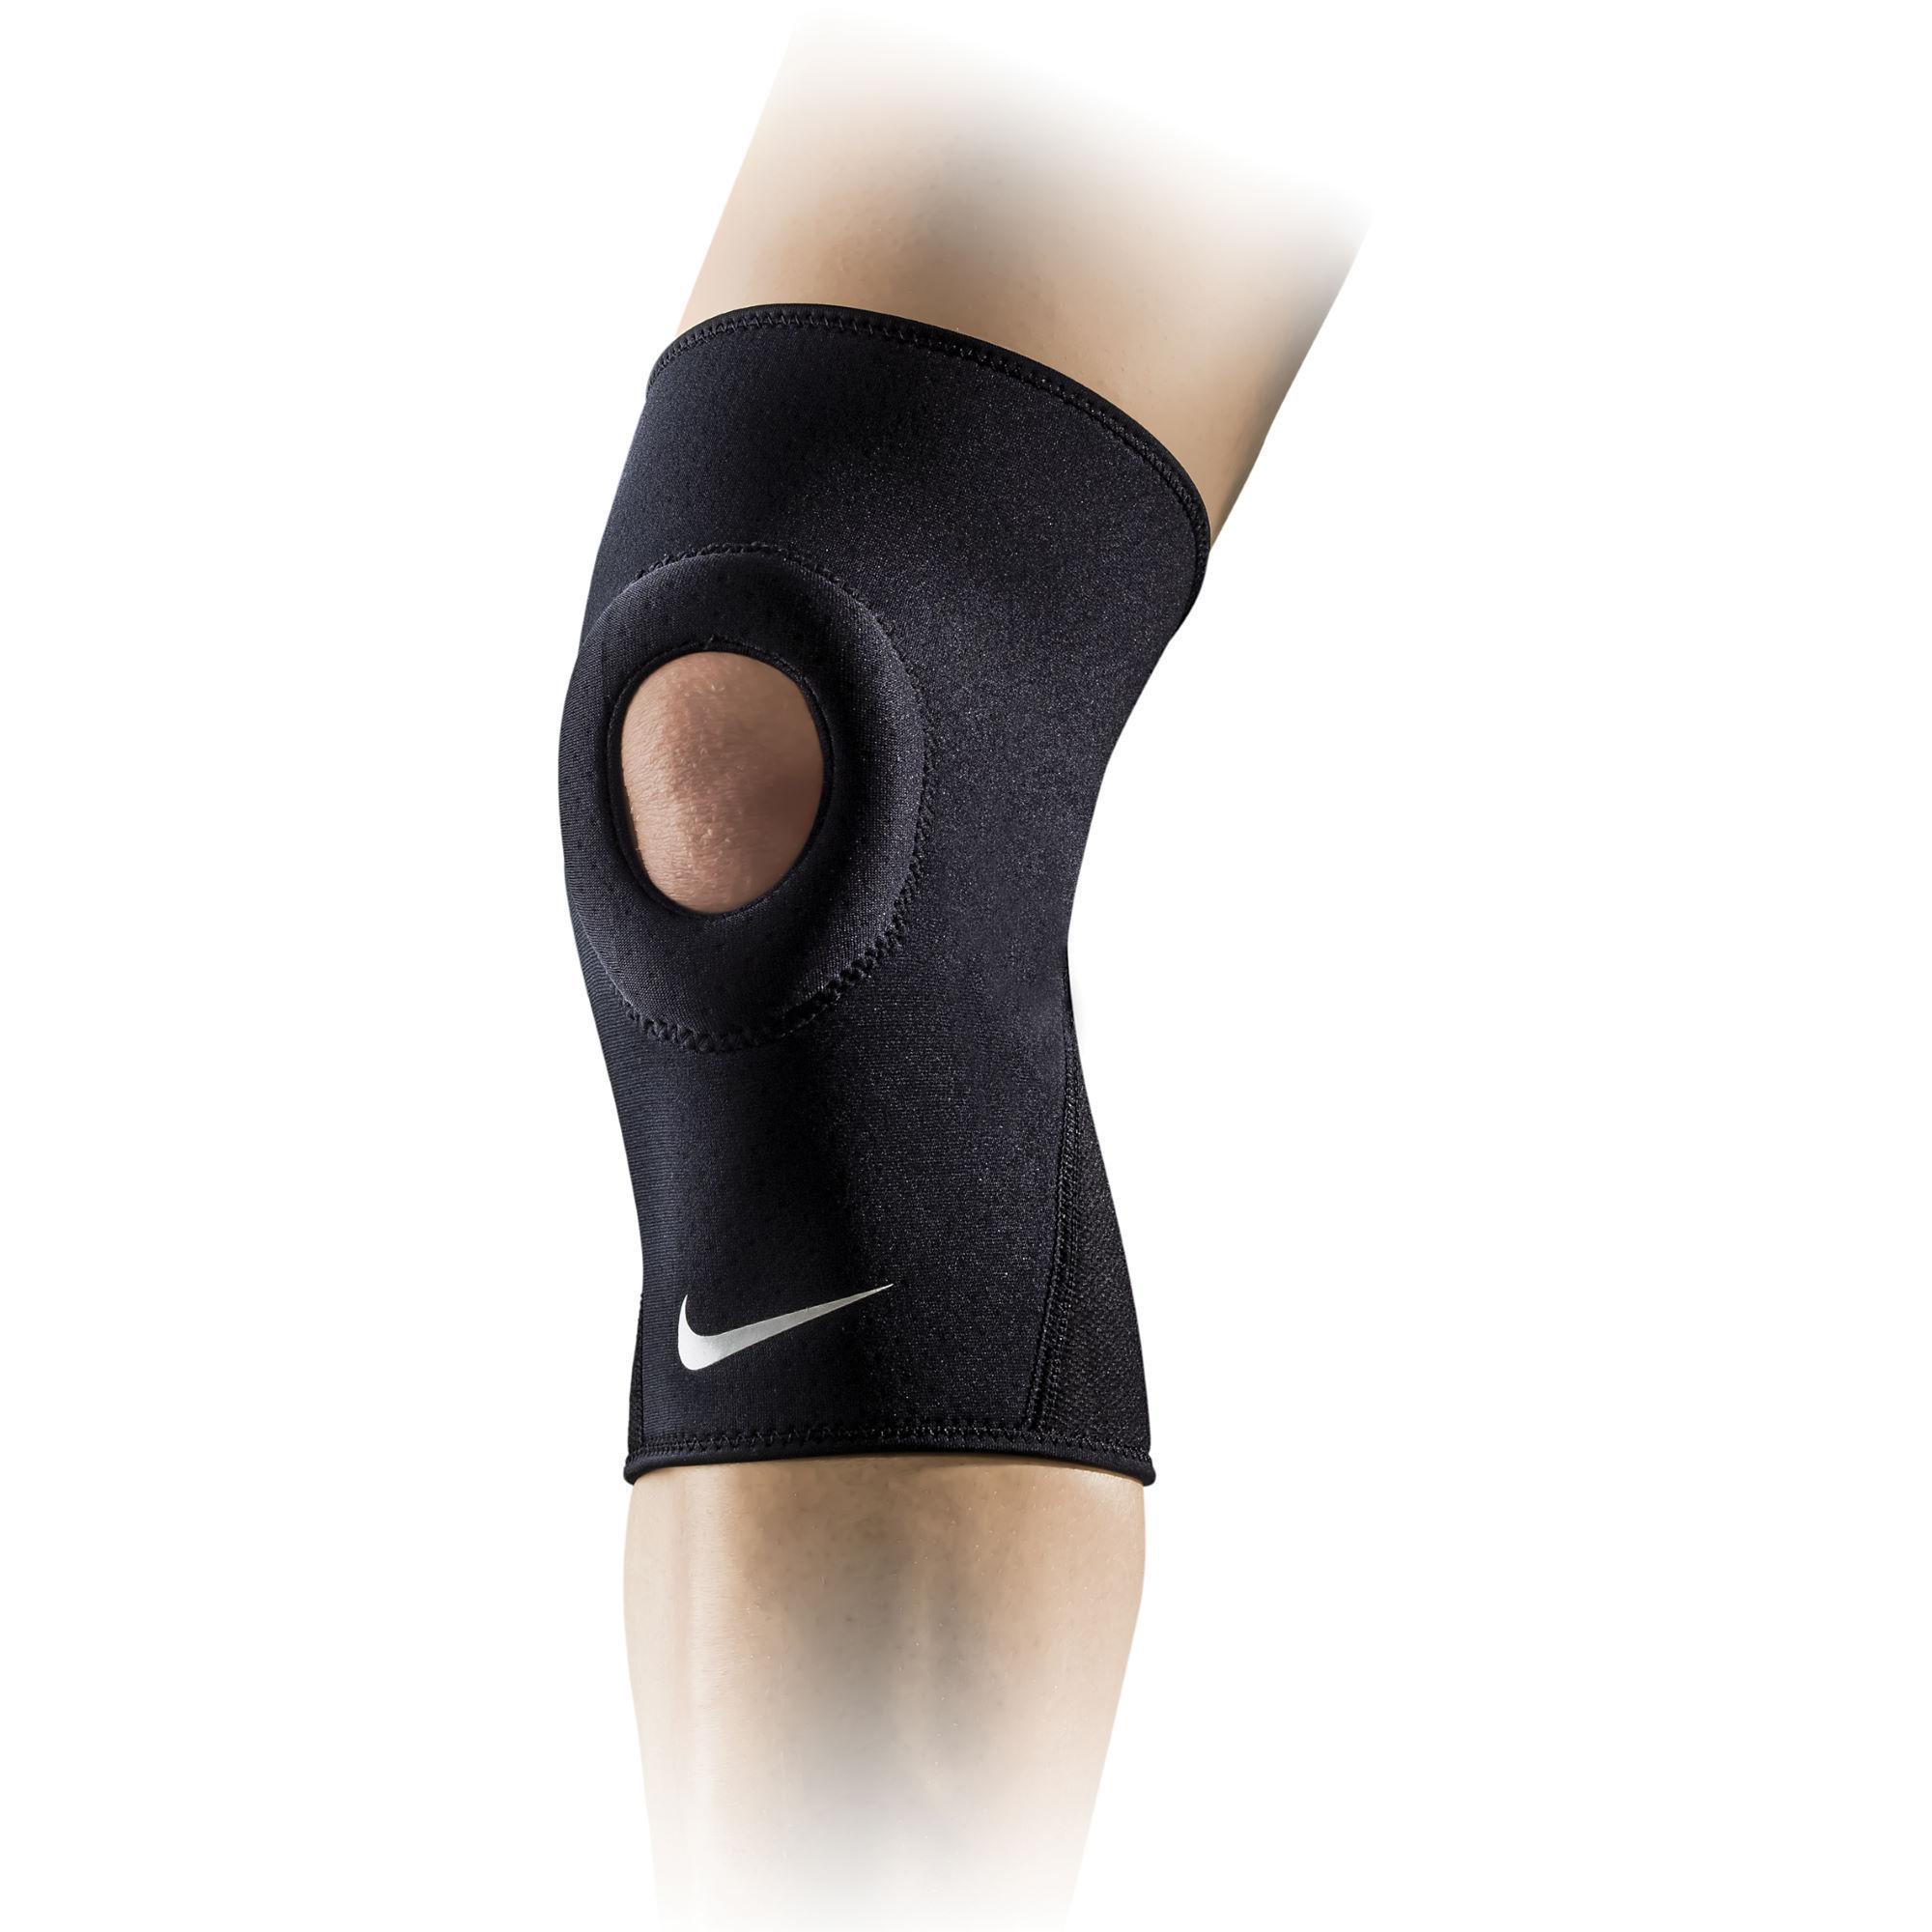 kedvezményes üzlet designer divat népszerű üzletek Nike Pro Combat Open Patella Knee Sleeve 2.0 - Black - Tennisnuts.com